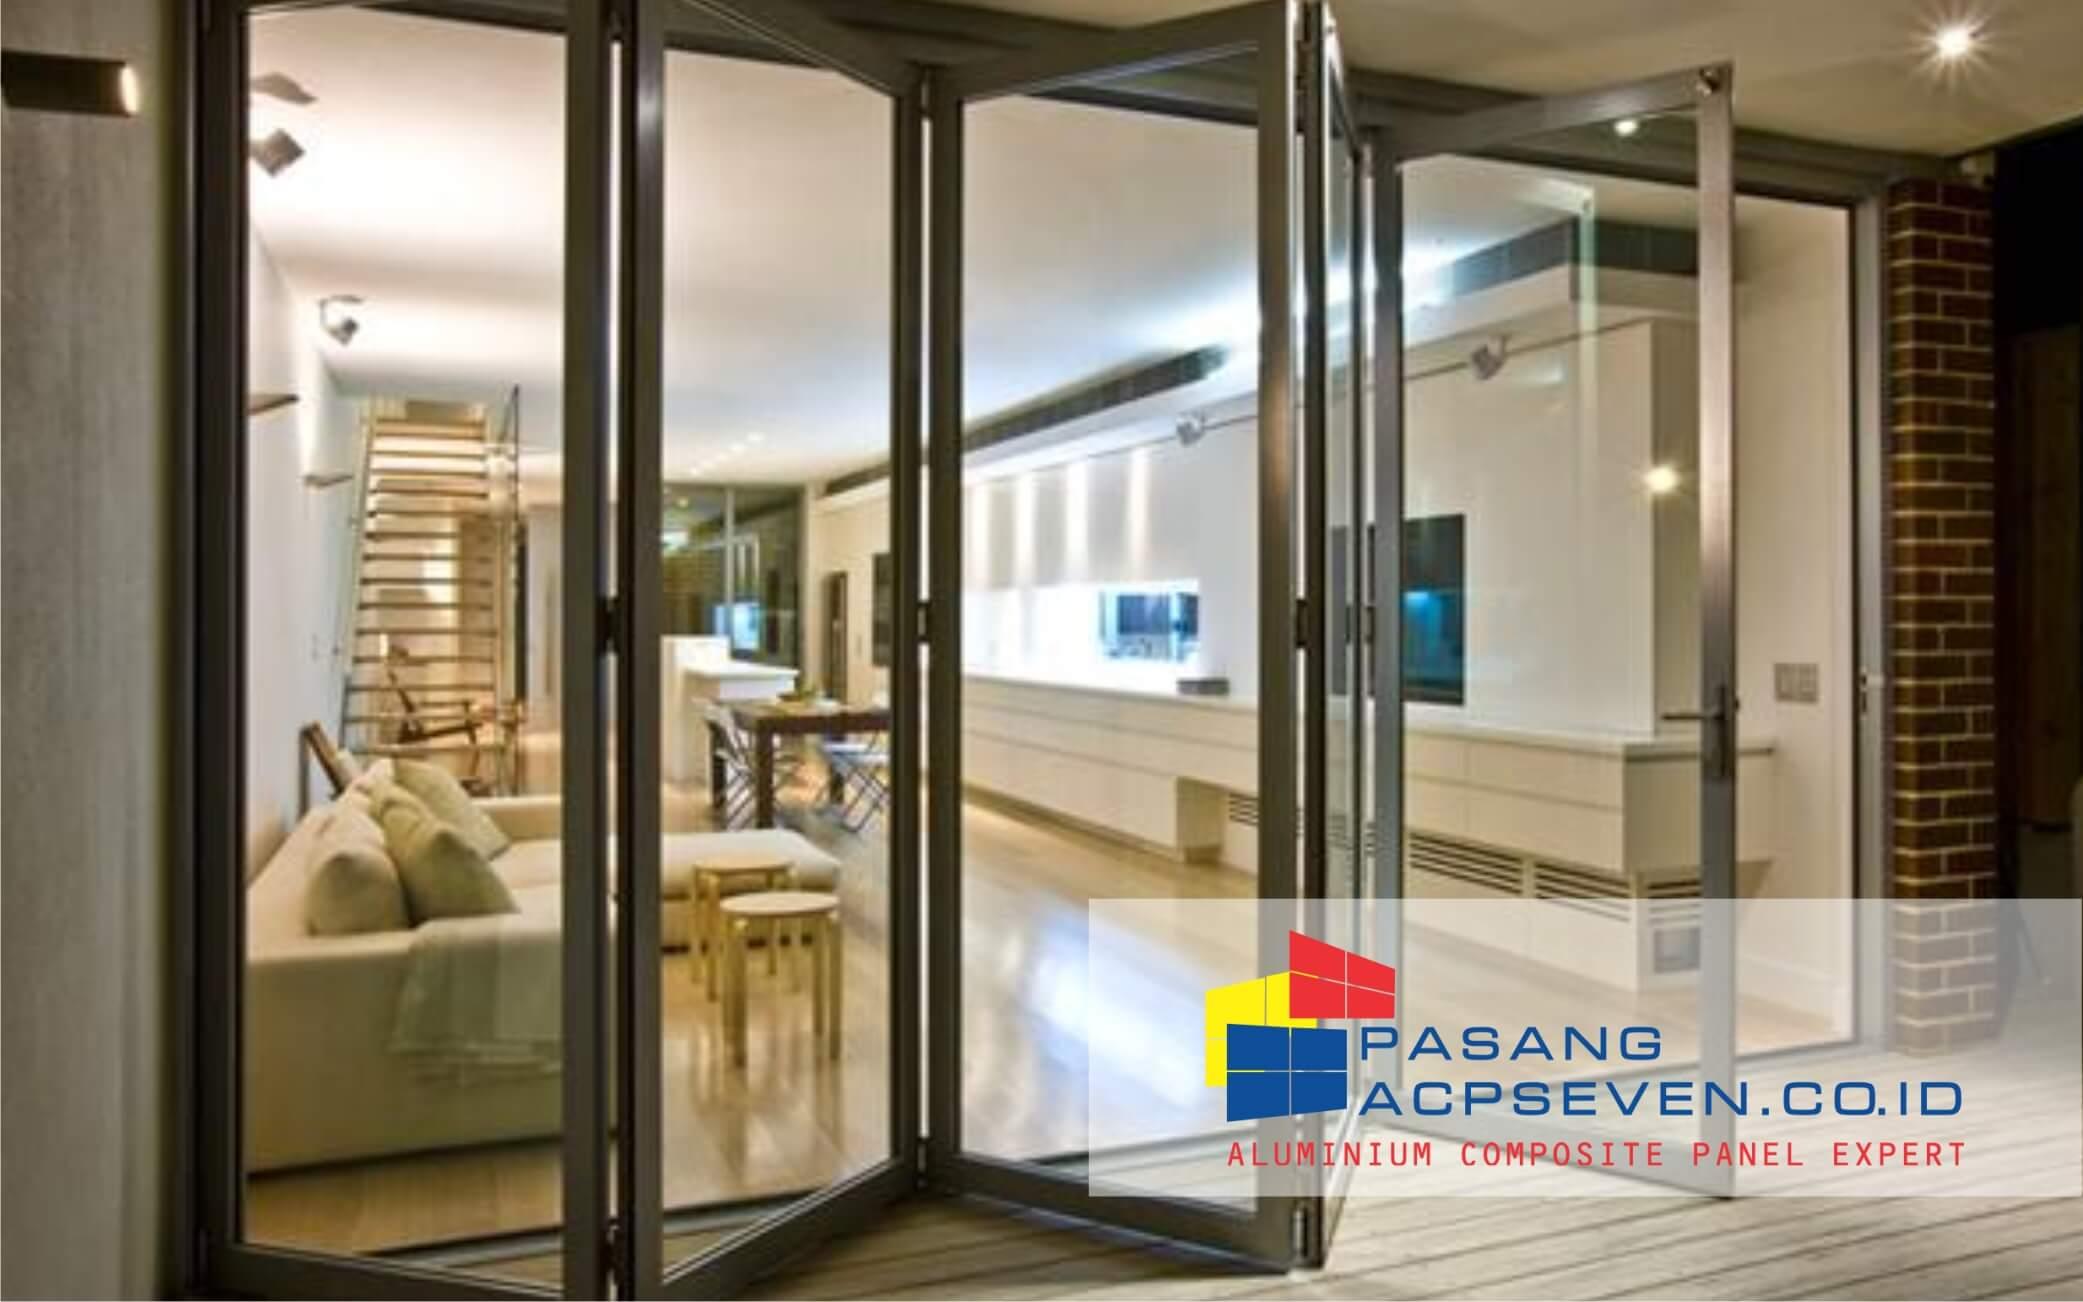 kusen aluminium surabaya, pintu aluminium surabaya, jendela aluminium surabaya